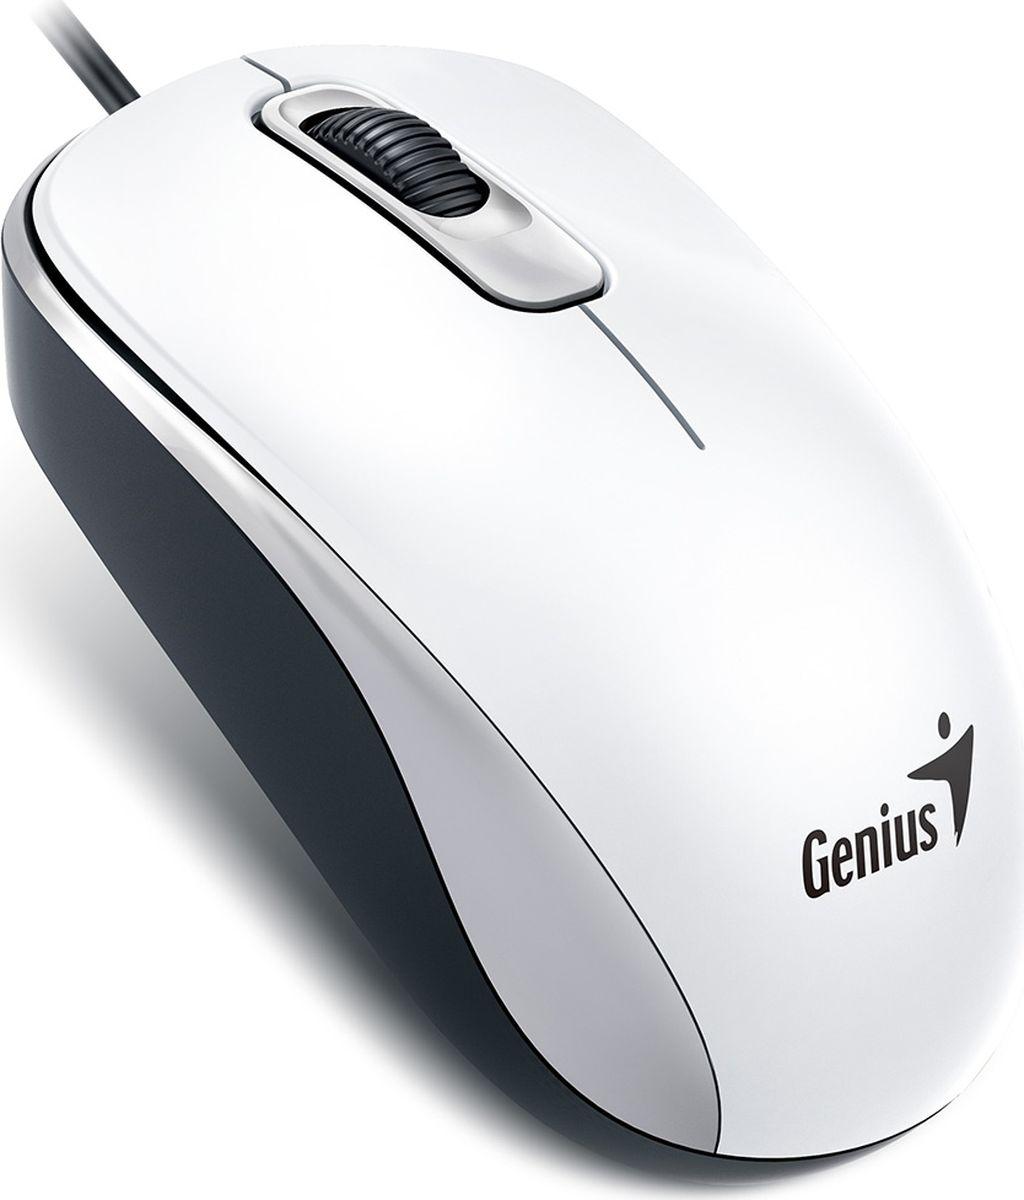 Genius DX-110, White мышь31010116105Гладкая, удобная и приятная на ощупь. Подходит как для правой, так и для левой руки. Совместима с Windows и MacOS.